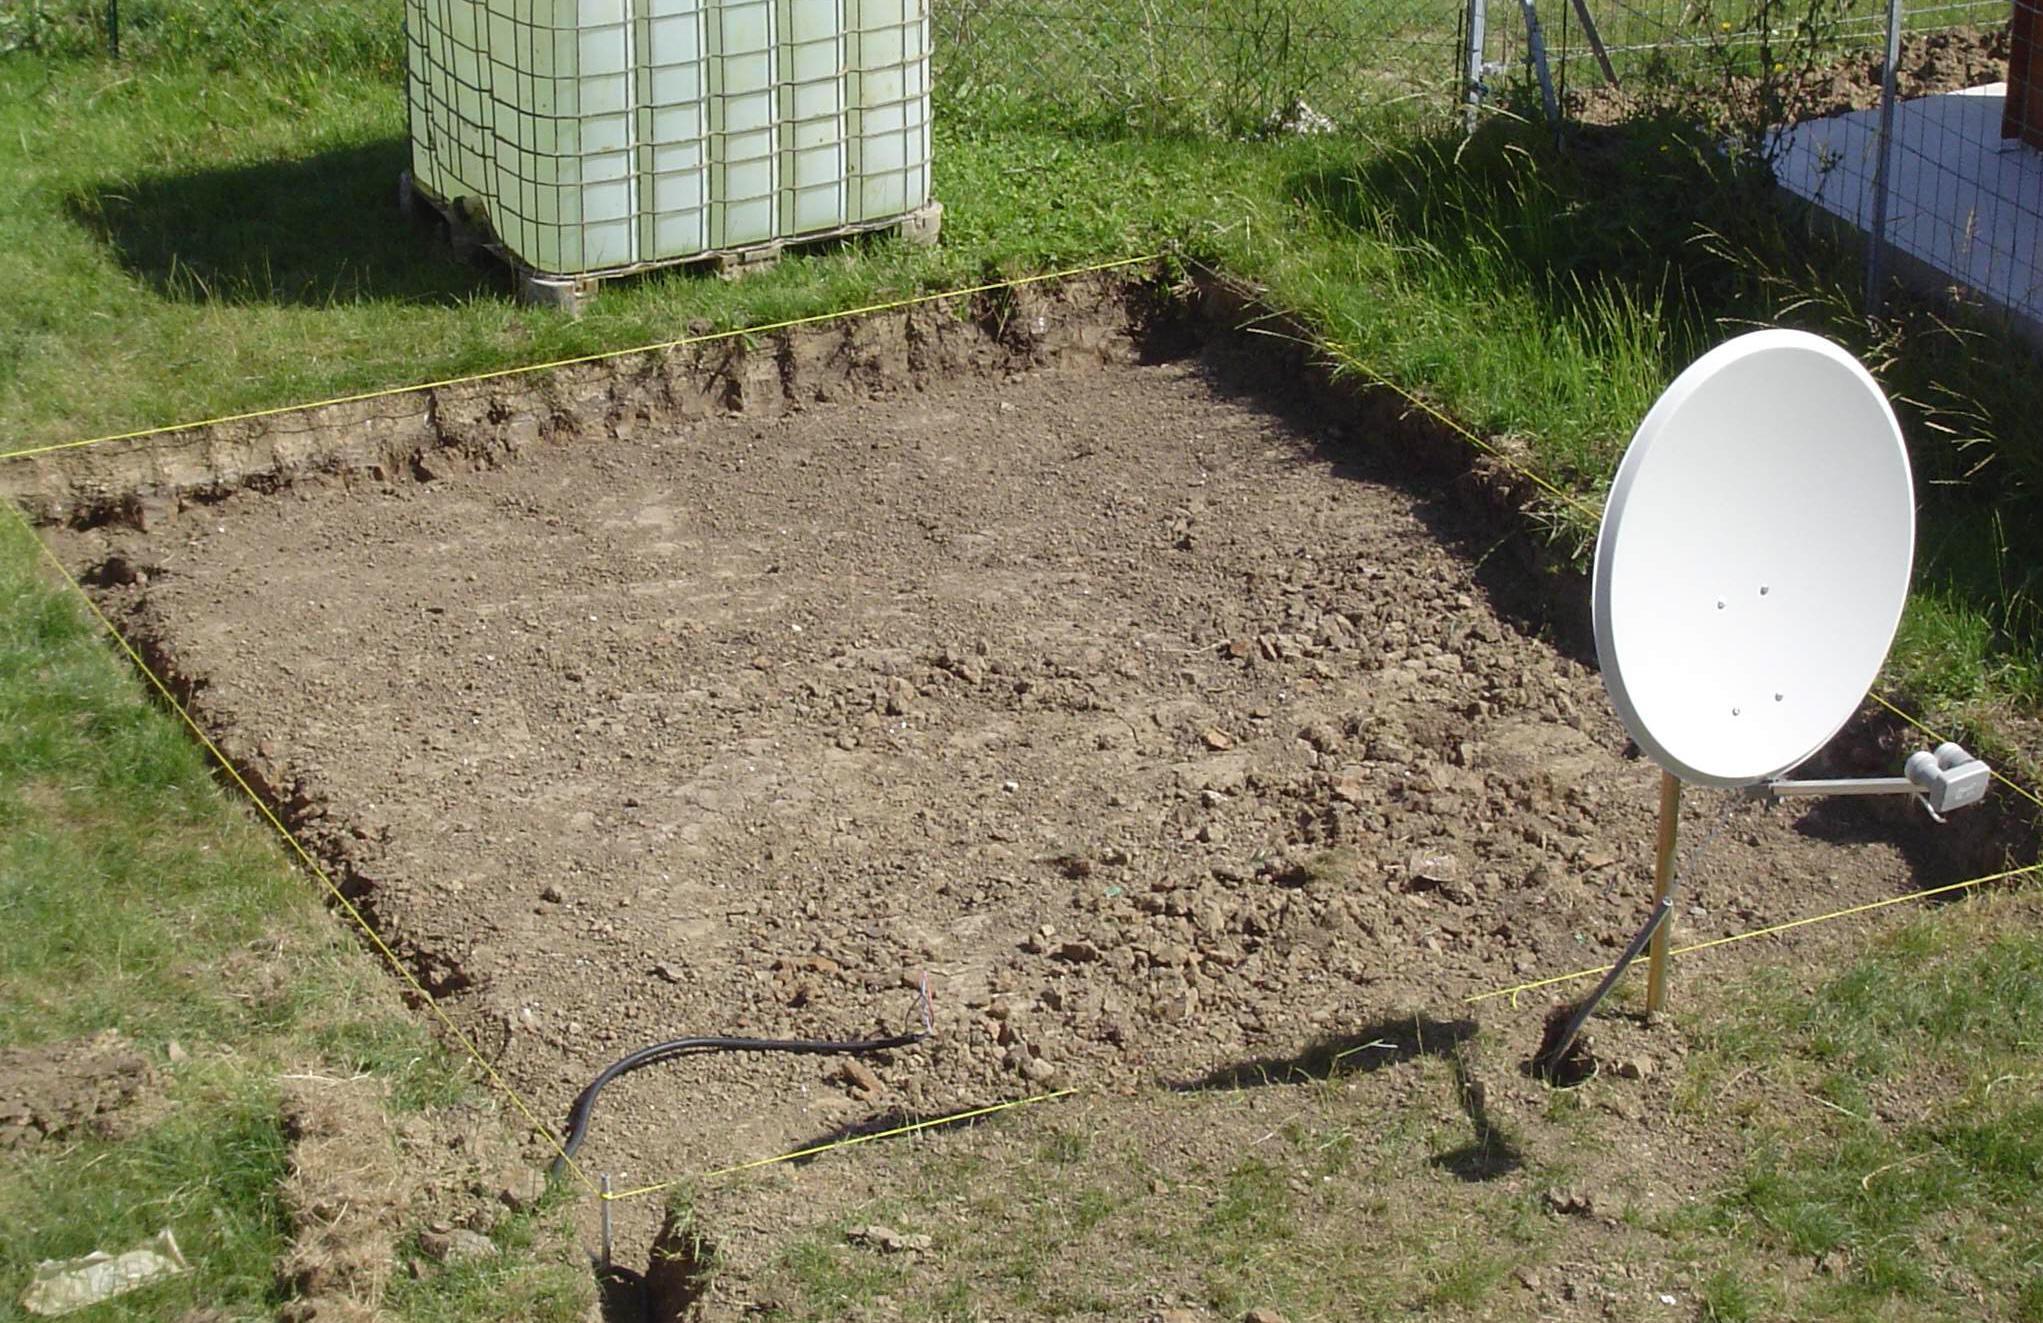 Monter un abri de jardin - Dalle abris de jardin ...